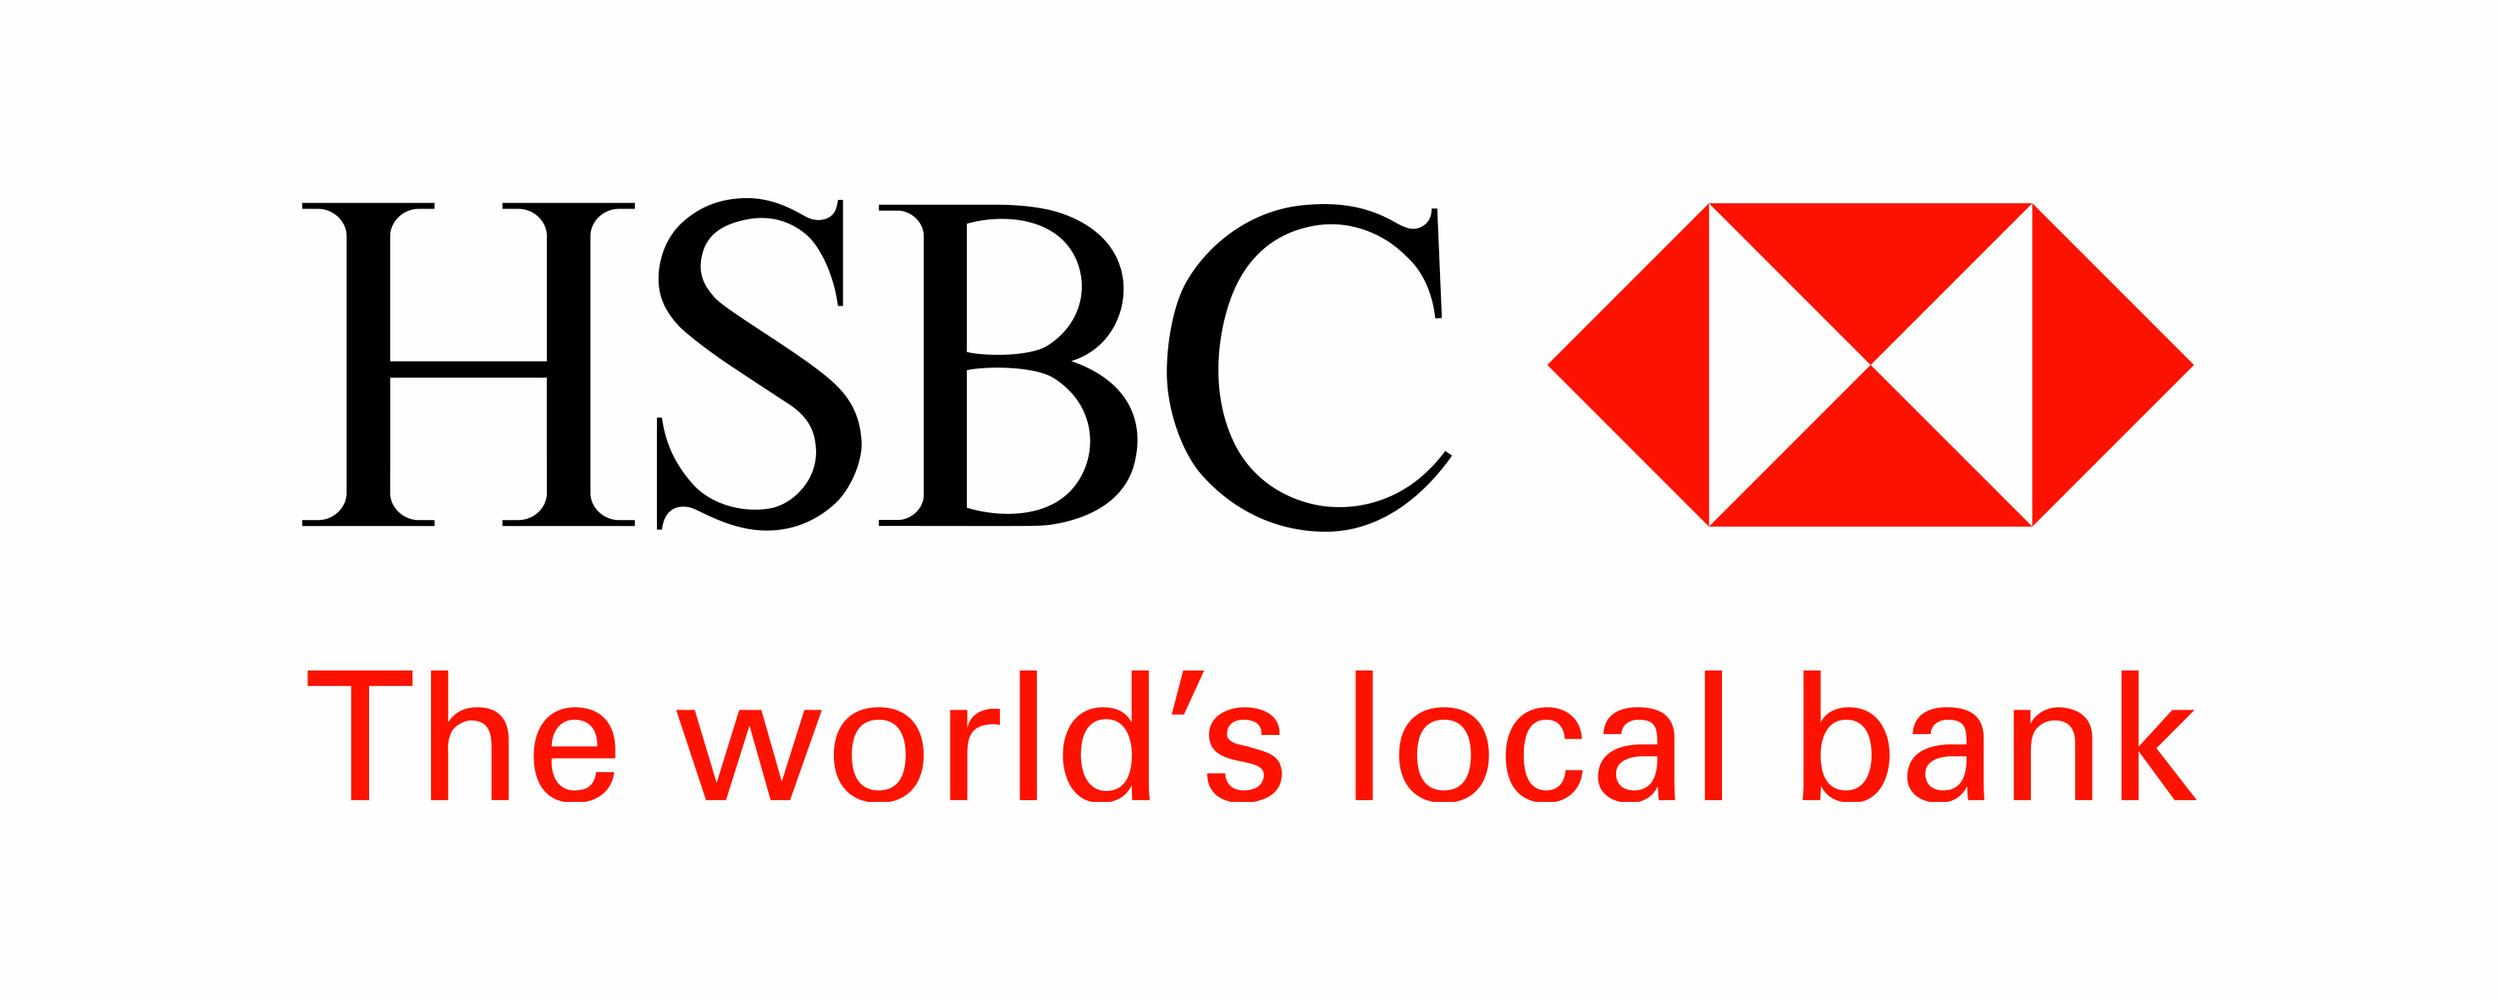 HSBC_logo[1].jpg